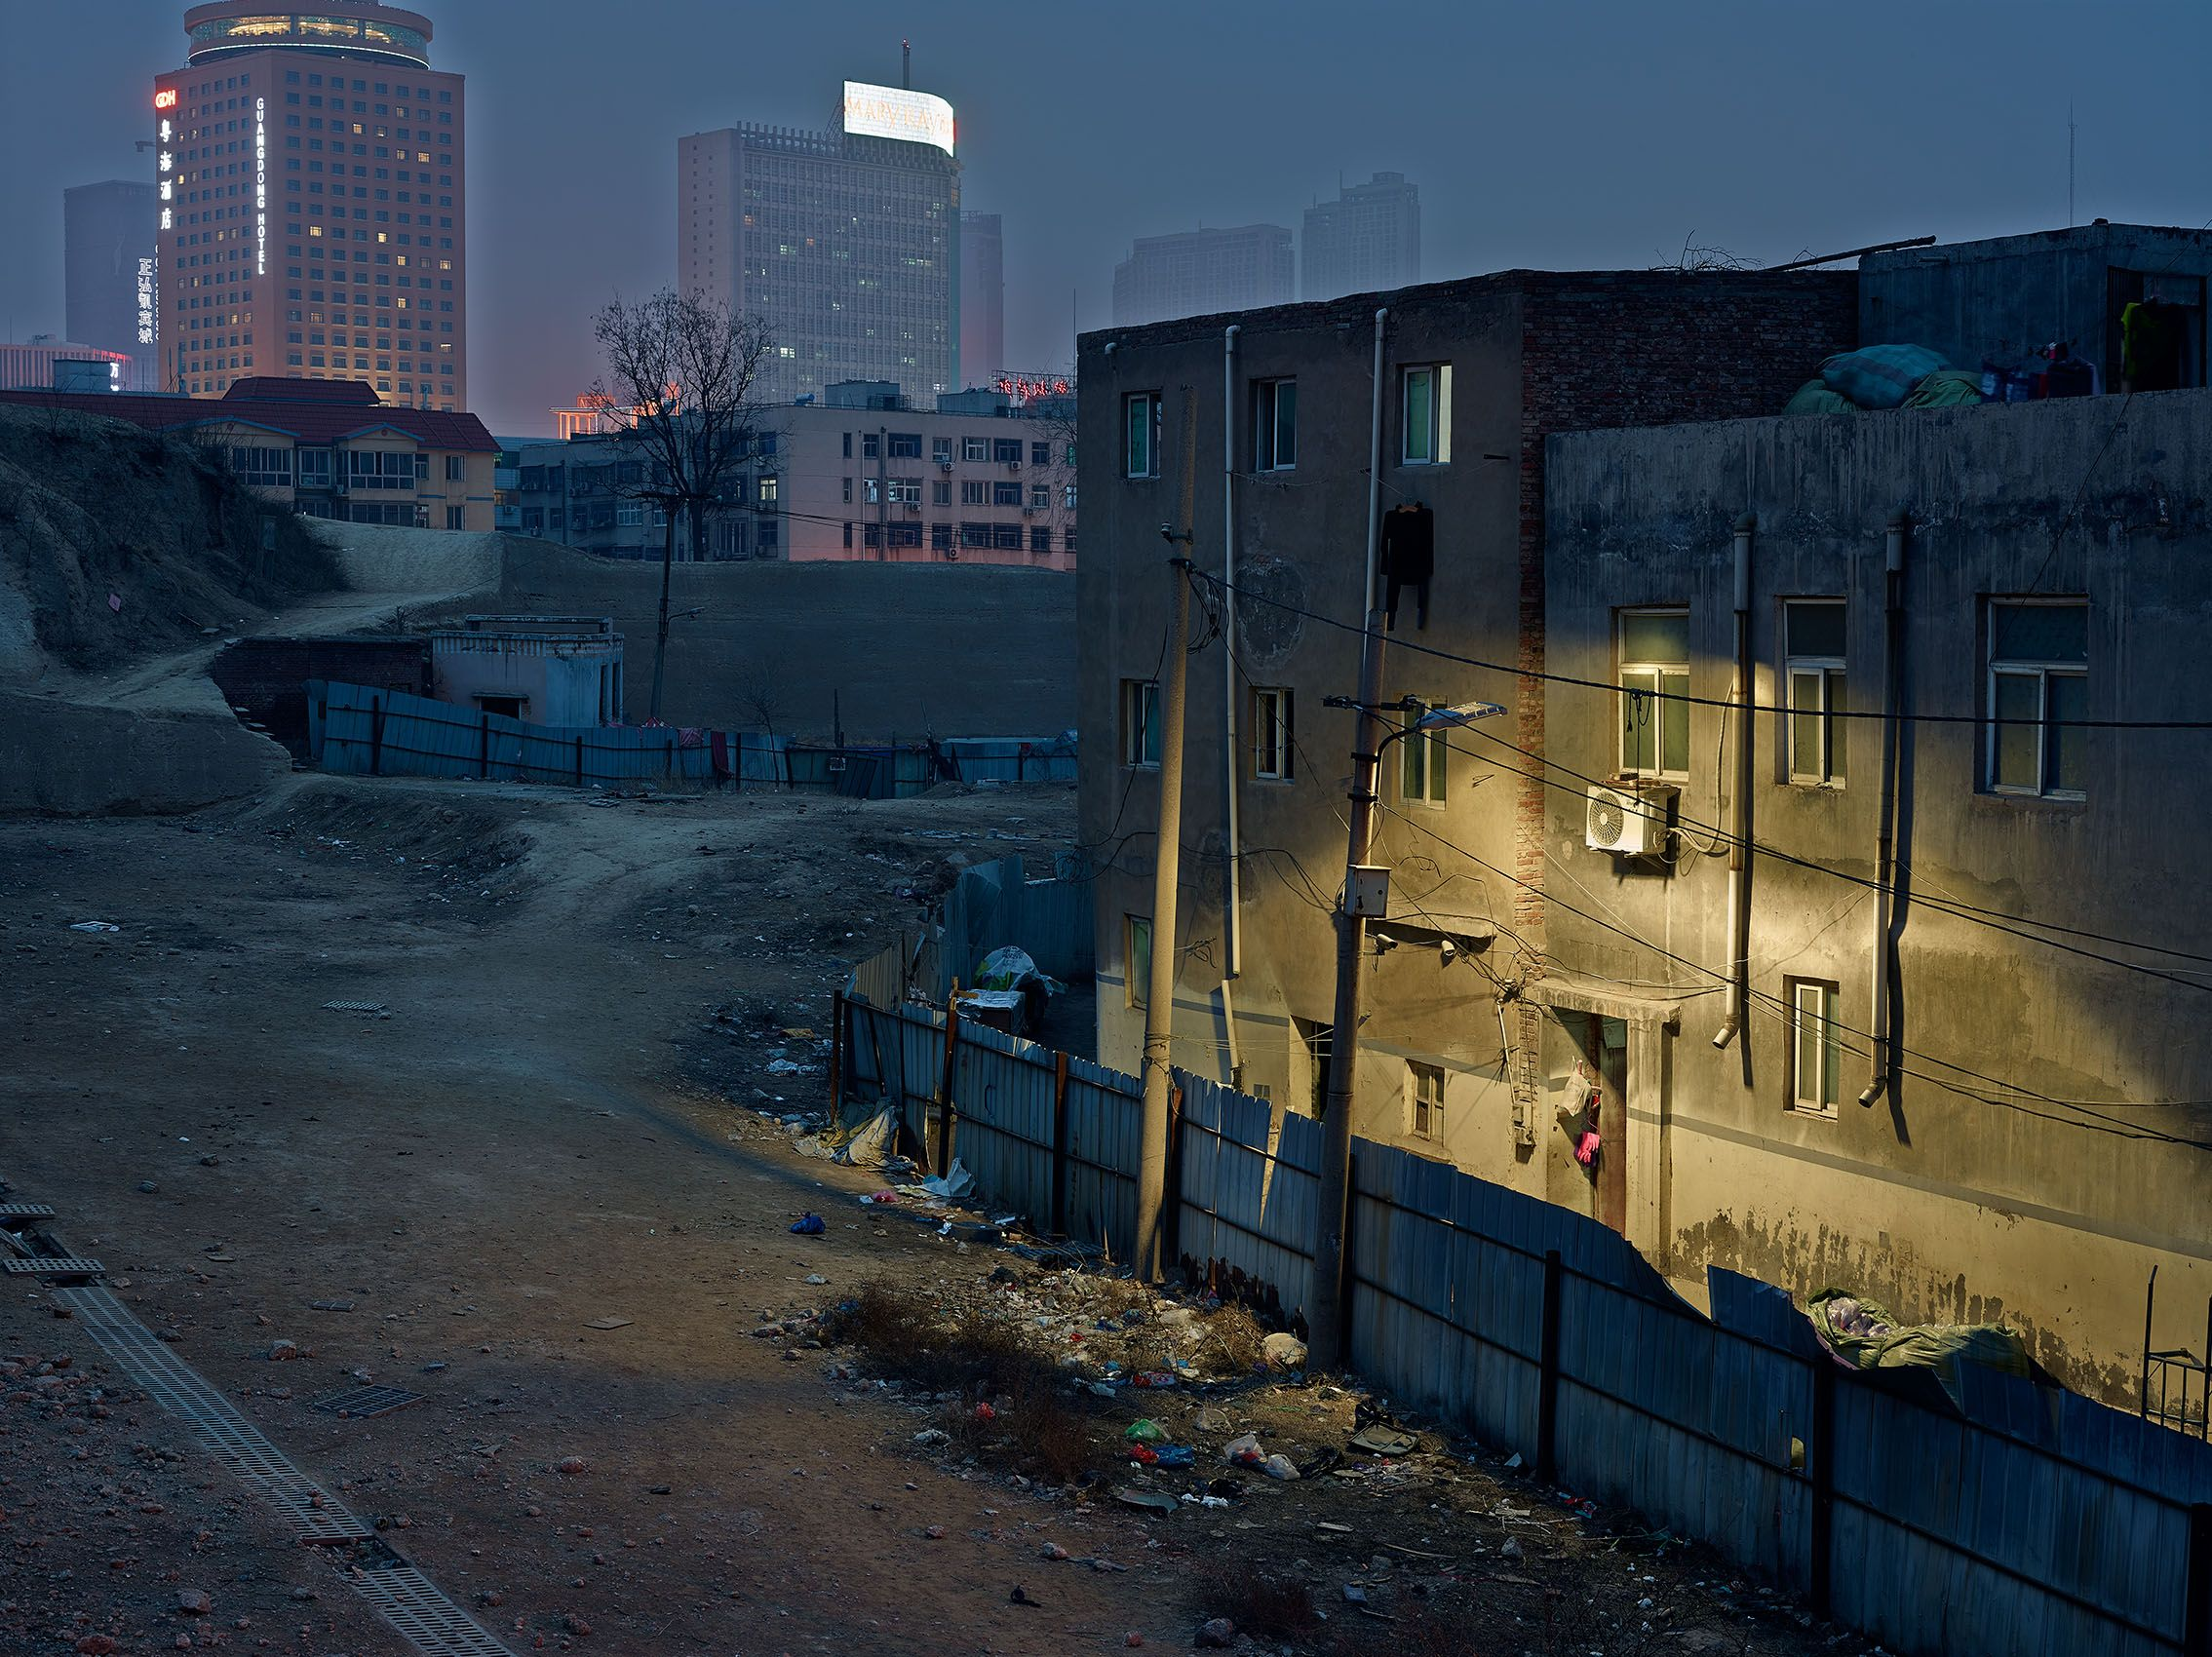 Zhengzhou Night